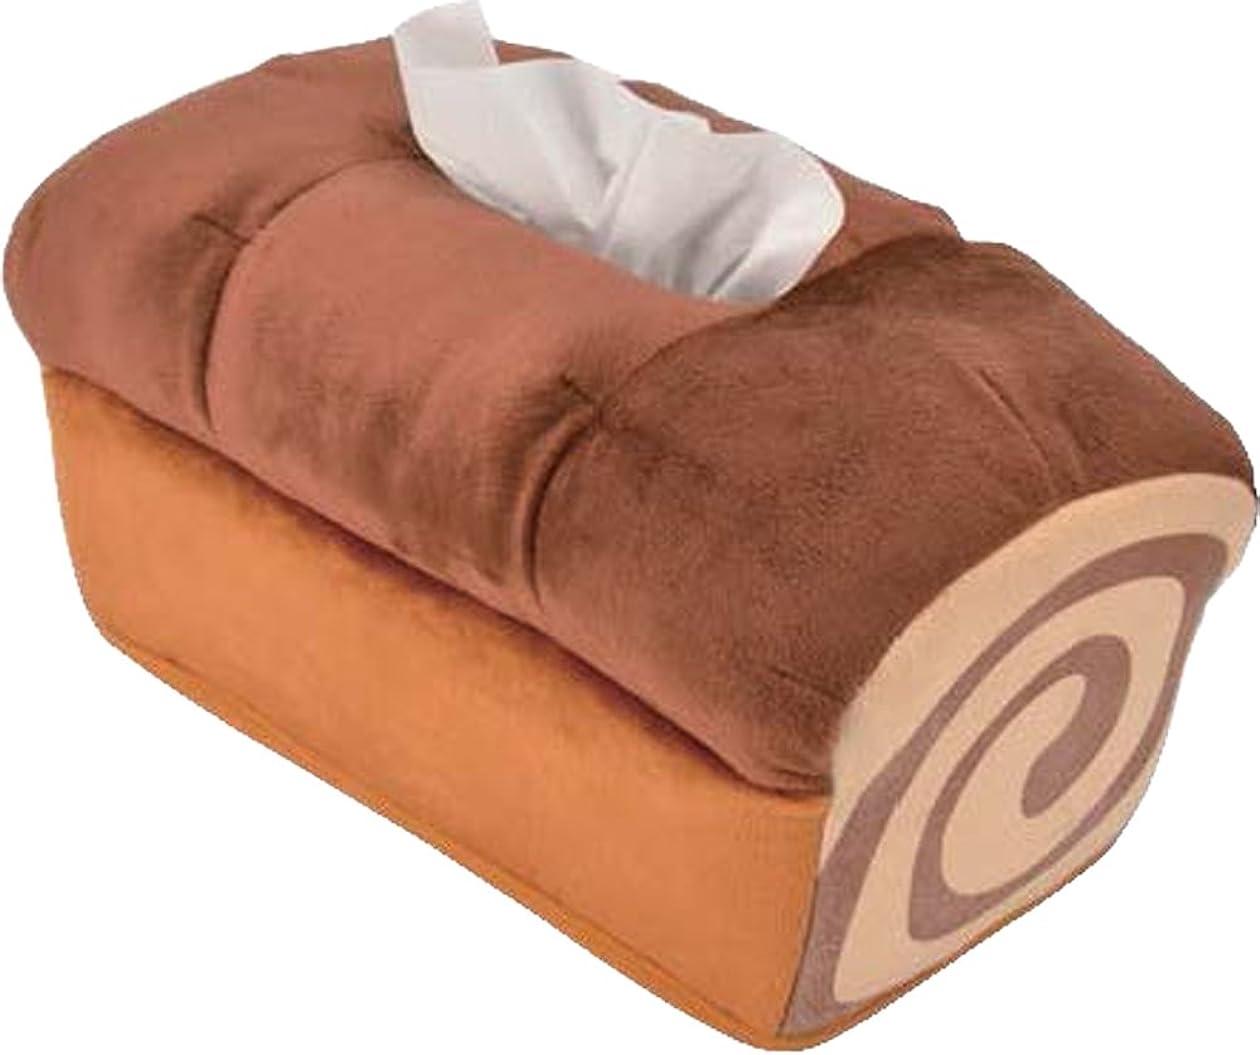 説得力のあるマイナー朝ごはんパン ティッシュカバー マーブルパン ILF-9132